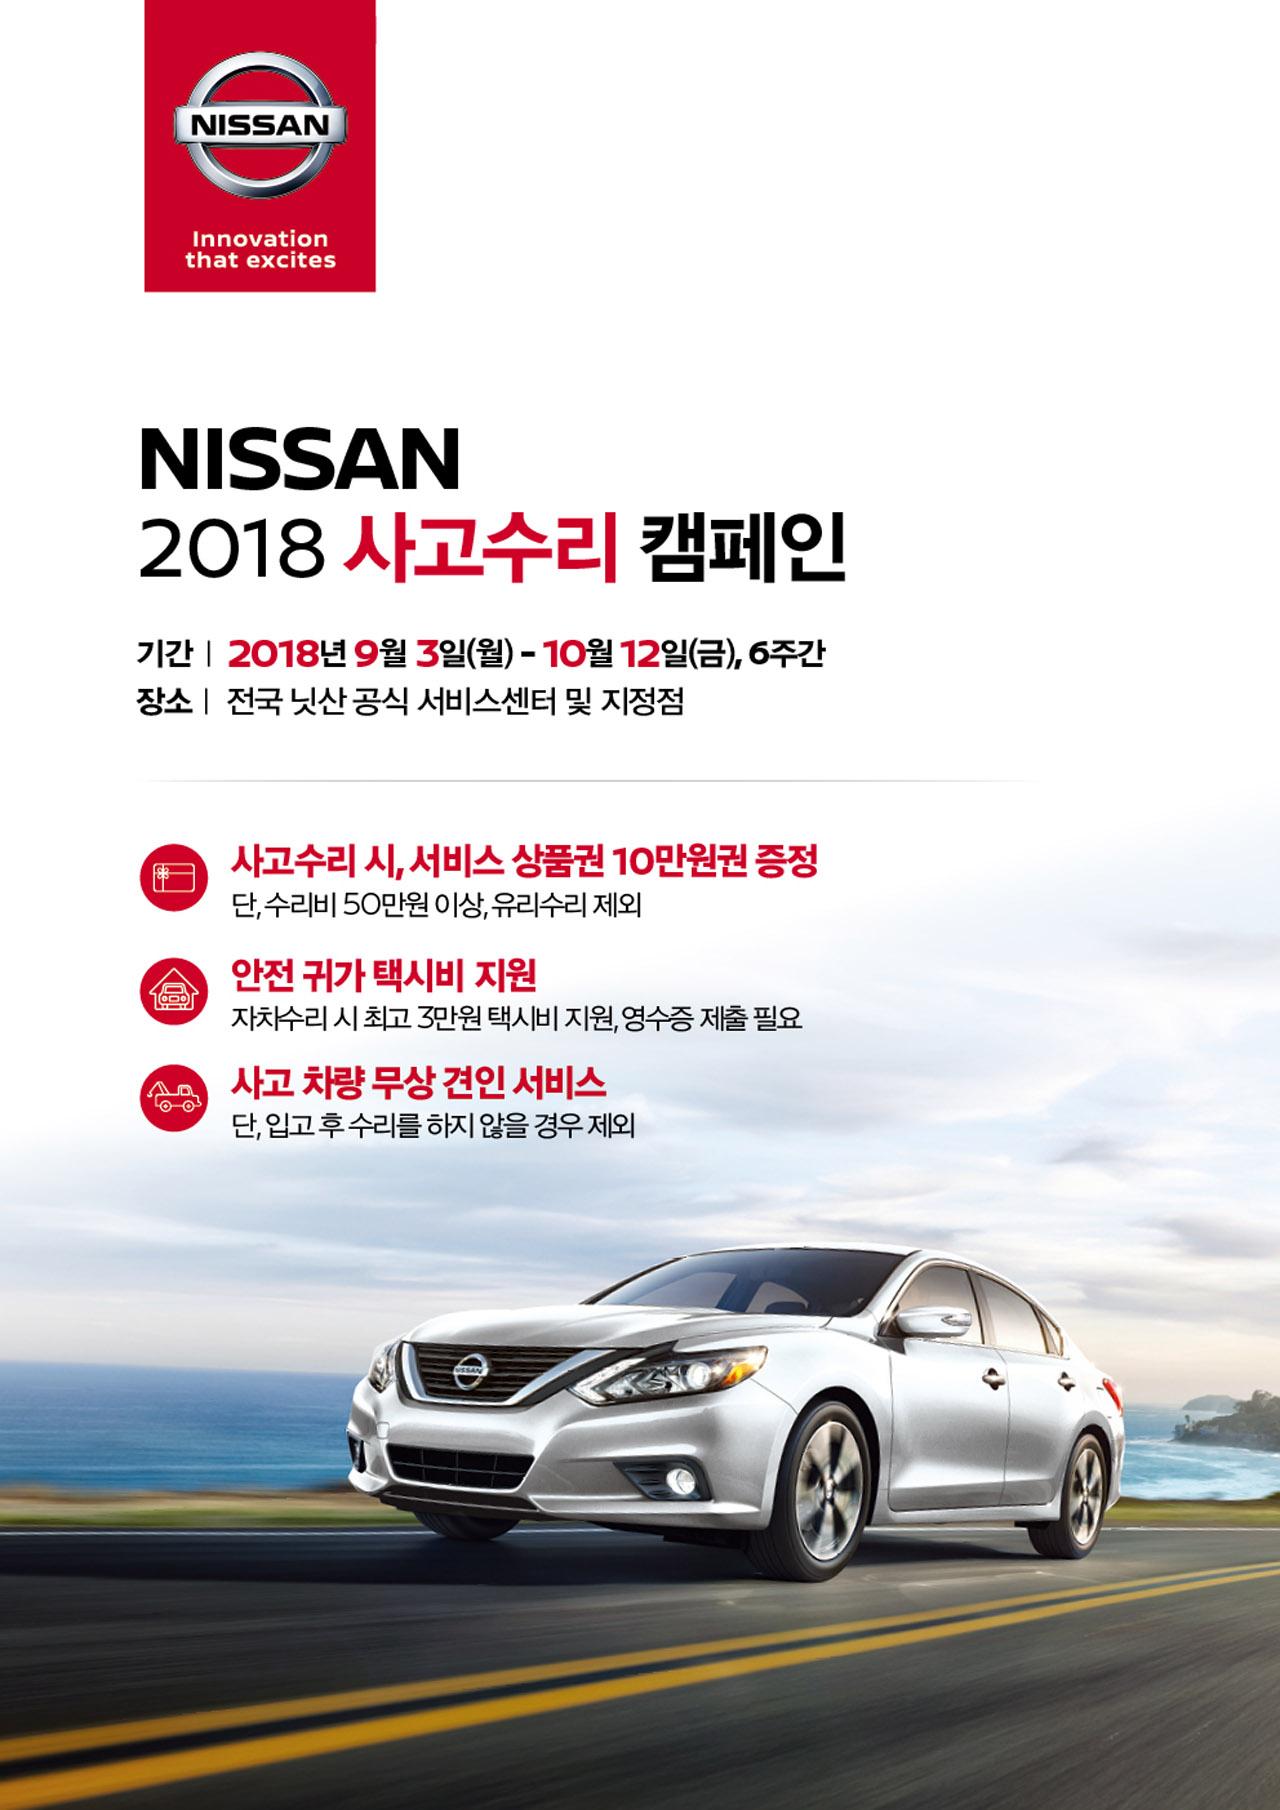 [사진자료] 한국닛산, 추석맞이 서비스 캠페인 및 시승 이벤트 실시 (2)